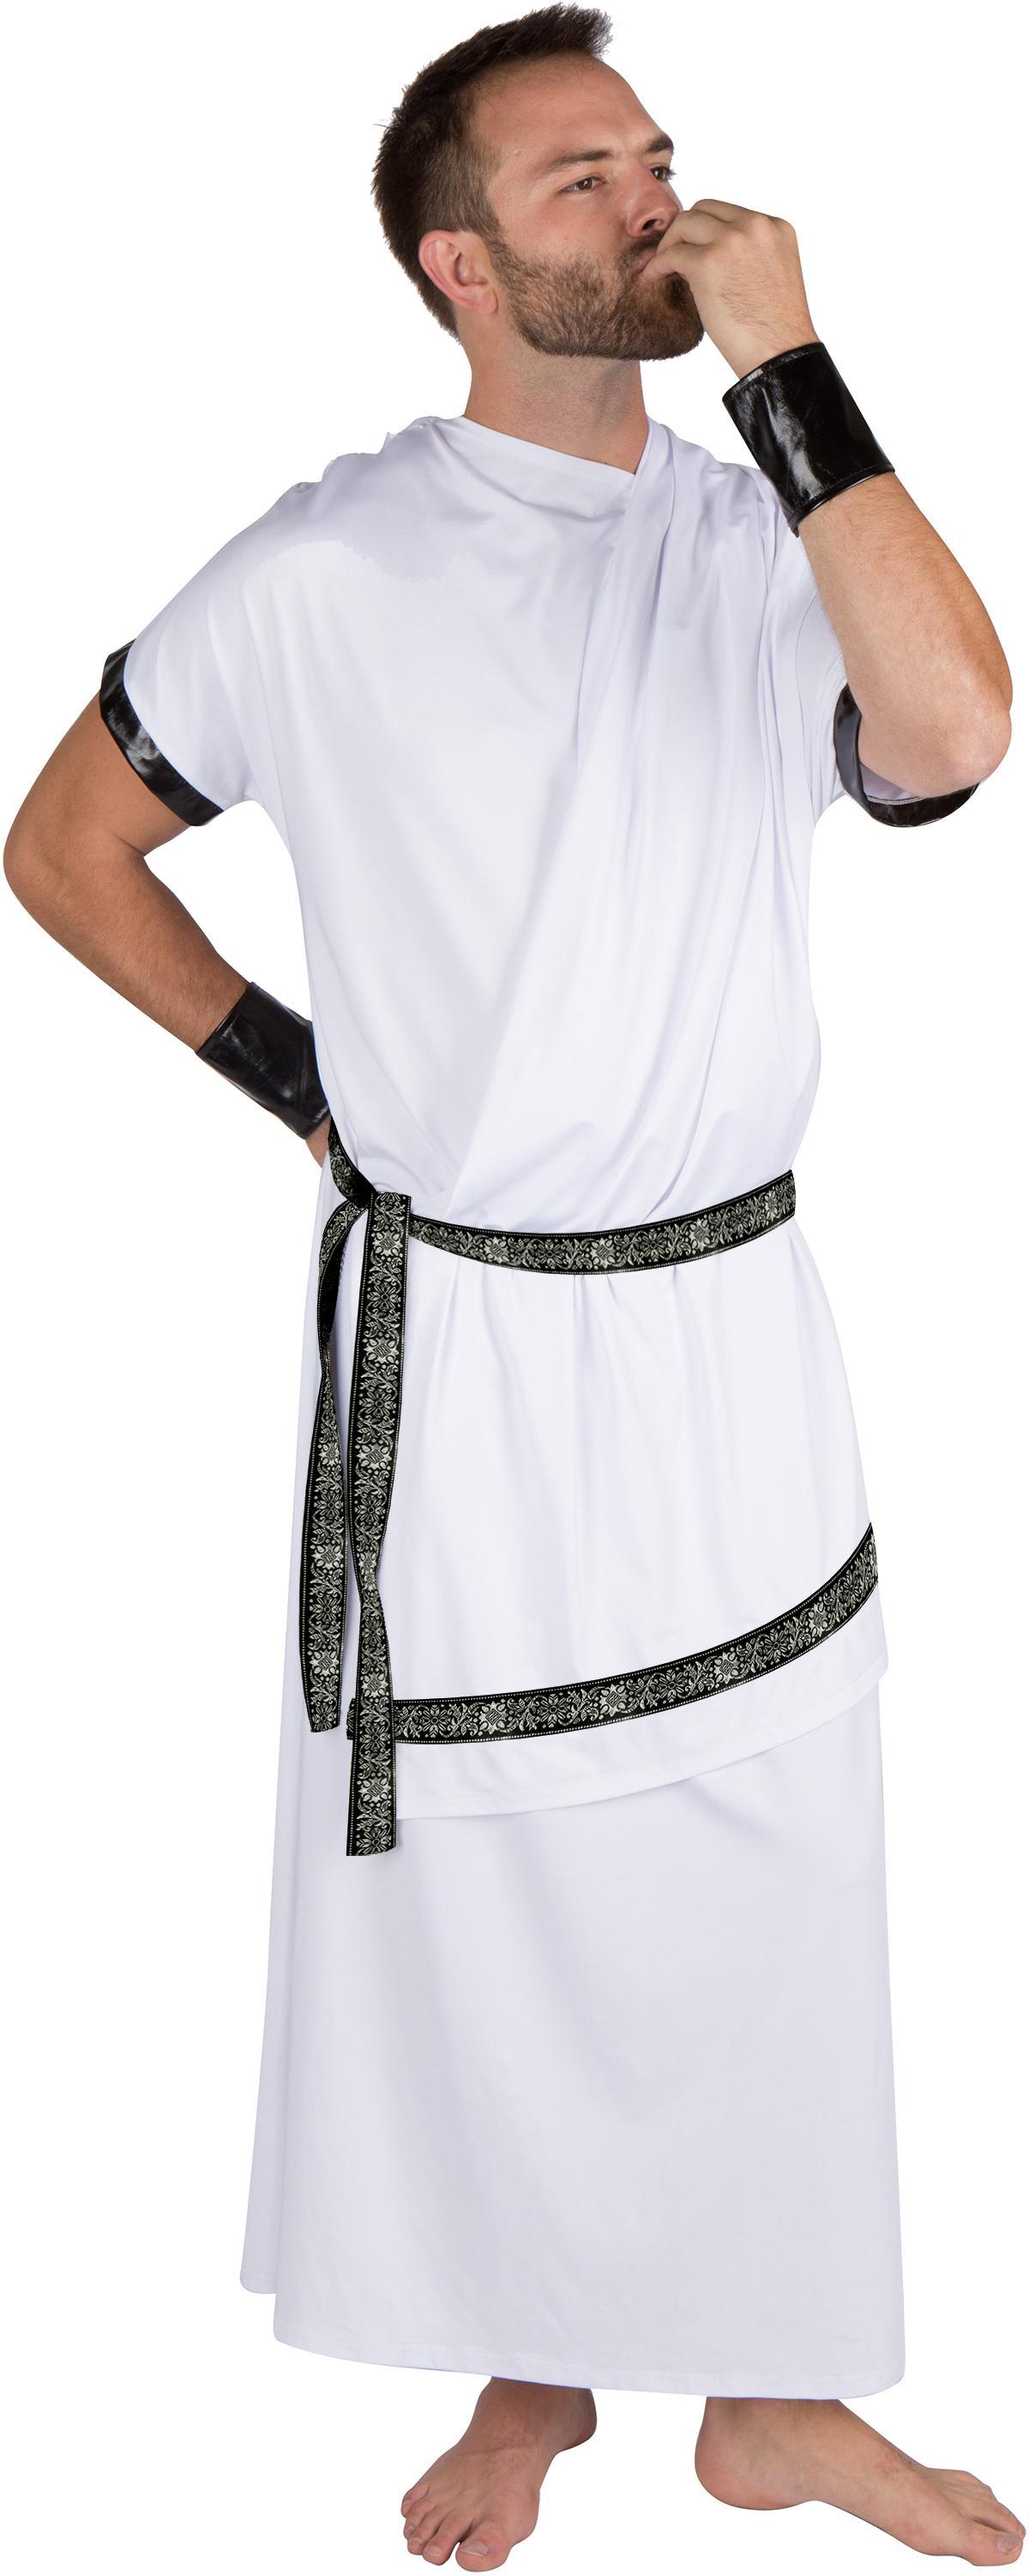 Amazon.com: Adulto disfraz de toga griego para hombre por ...